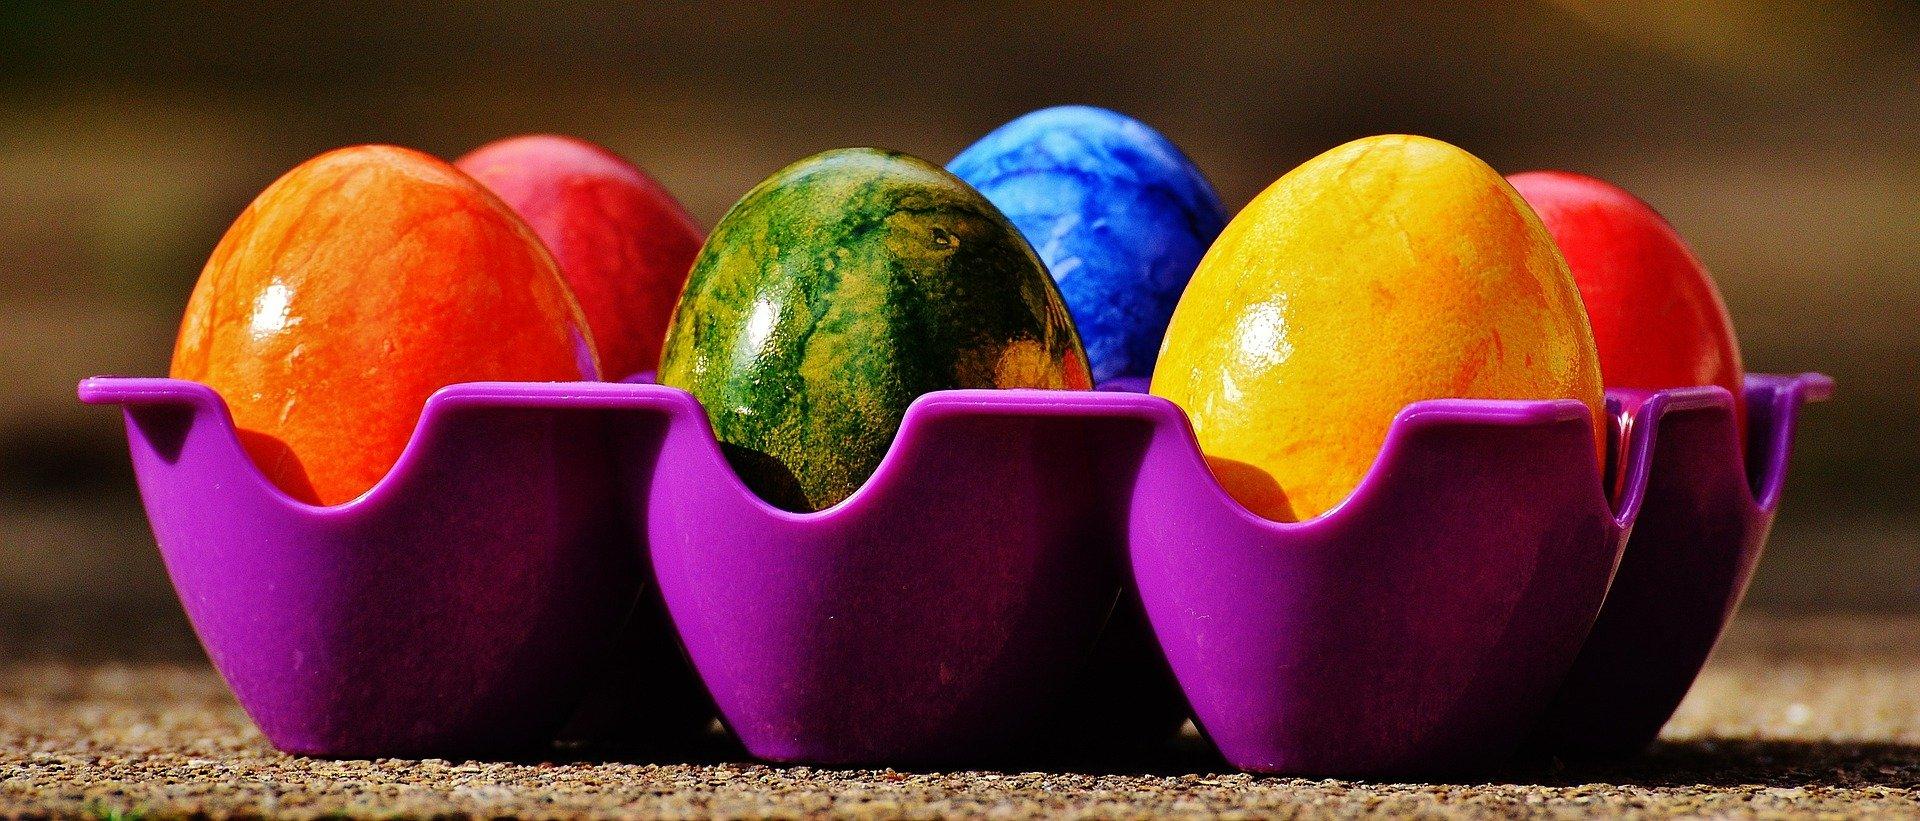 Cum se vopsesc ouăle de Paște. Trucuri pe care trebuie să le știi